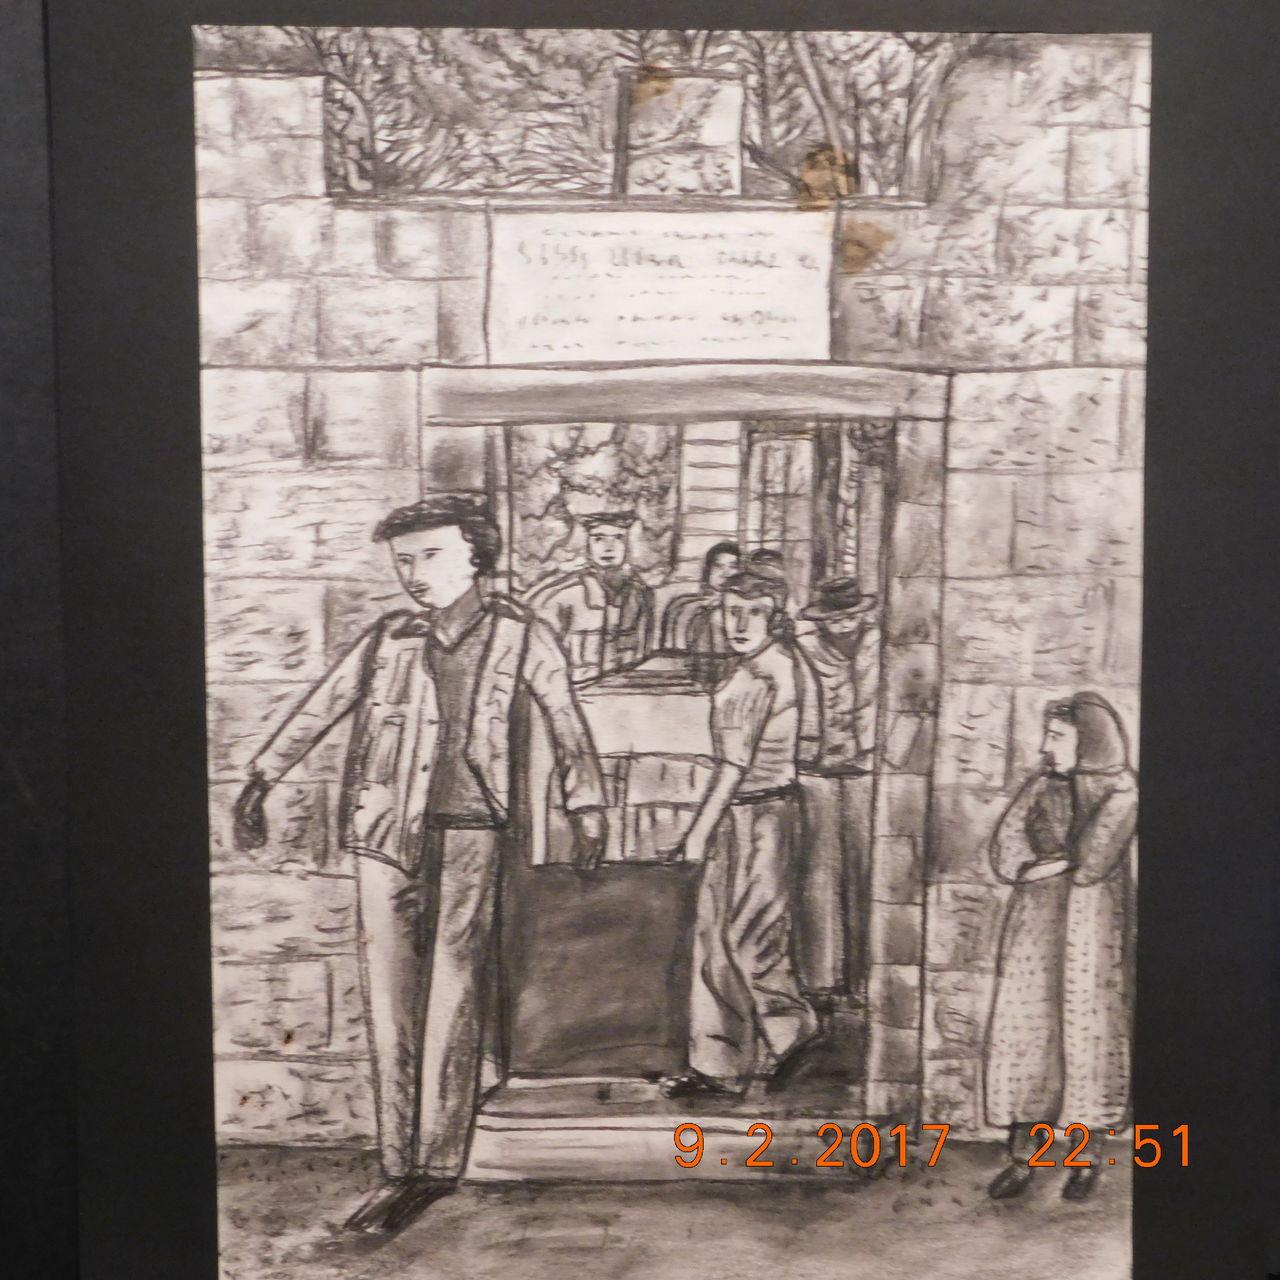 Bild: Dorfszene, Straßenszene, Zeichnung, Zeichnungen von ...